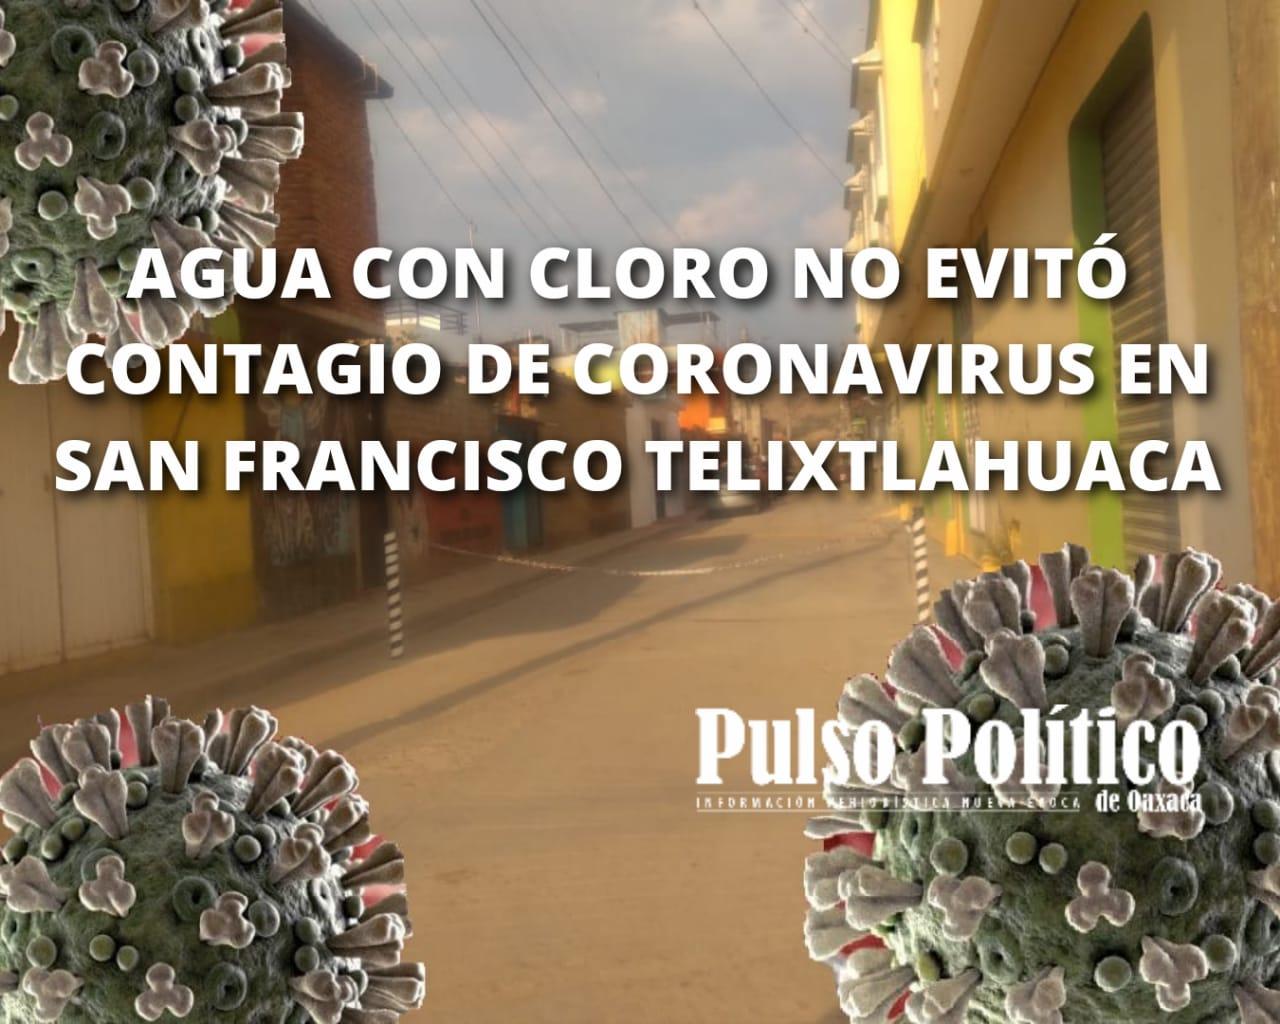 Photo of Agua con cloro no evitó contagio de Coronavirus en San Francisco Telixtlahuaca